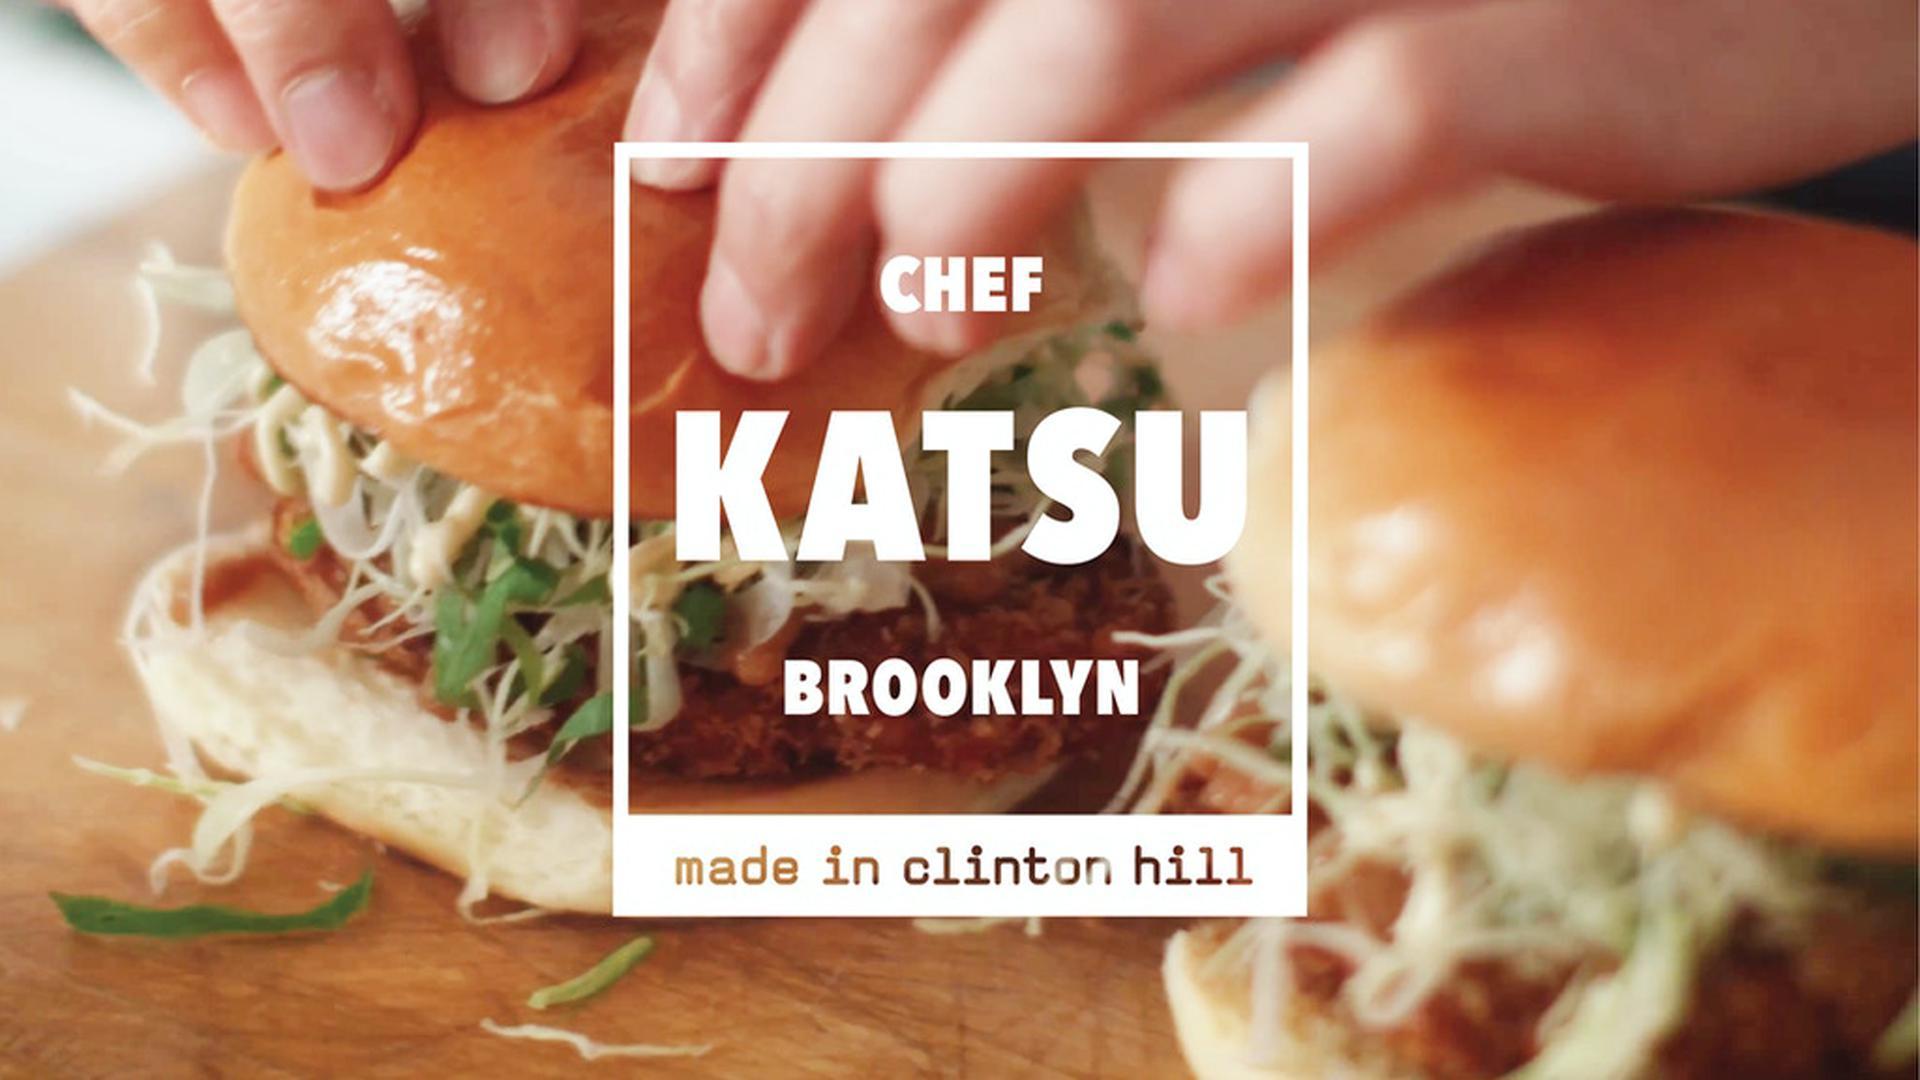 Chef Katsu Brooklyn